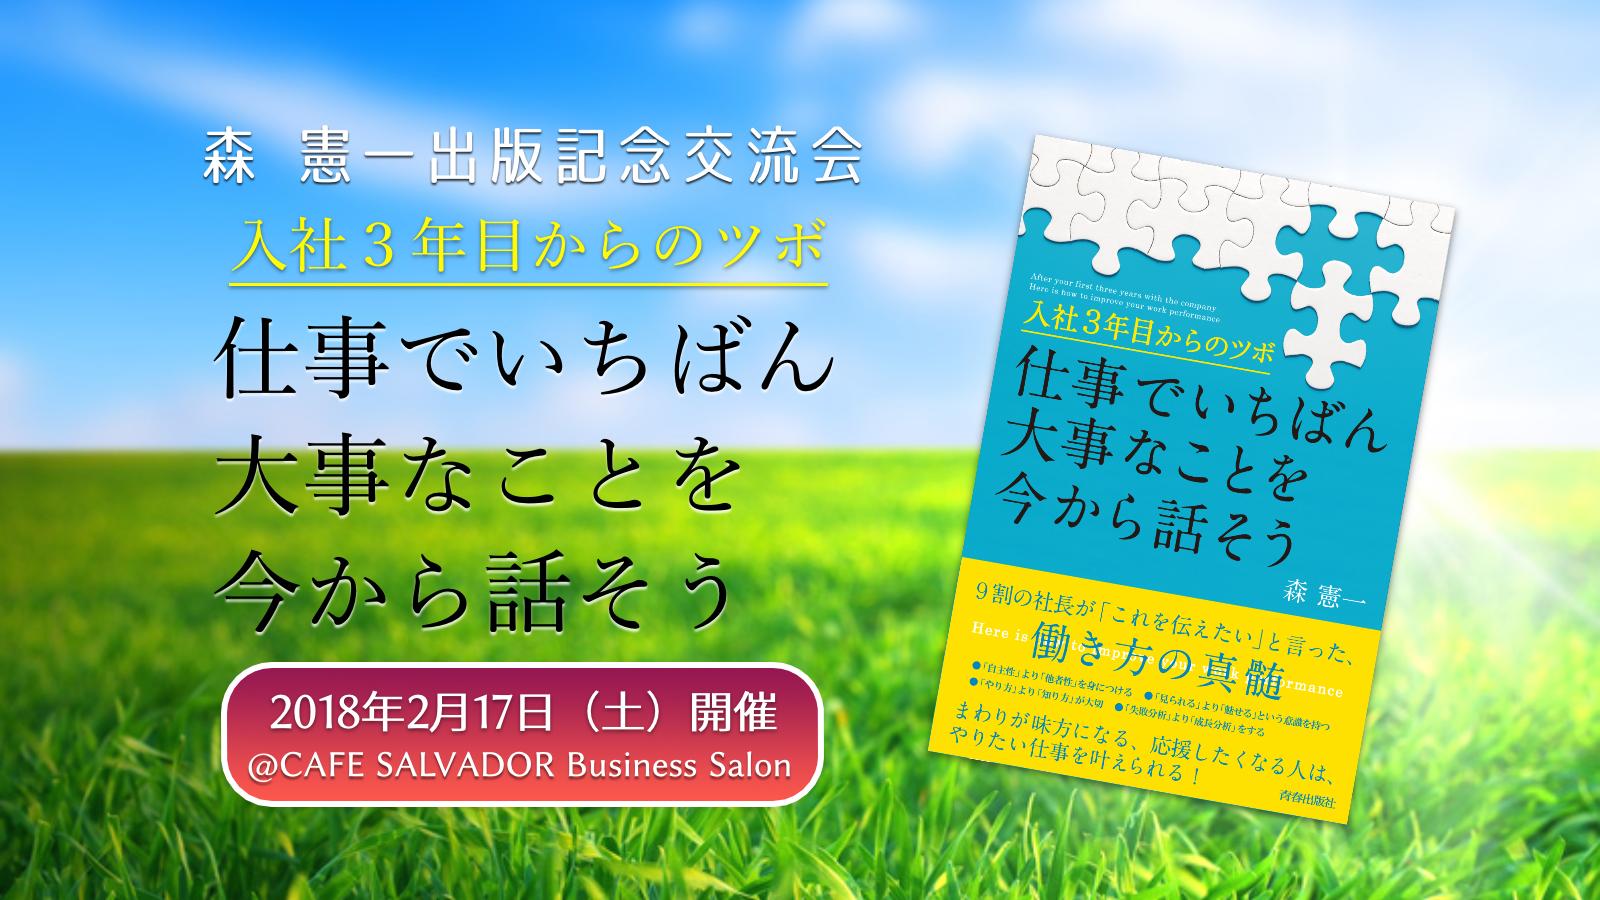 2018/2/17 森憲一出版記念講演会のお知らせ